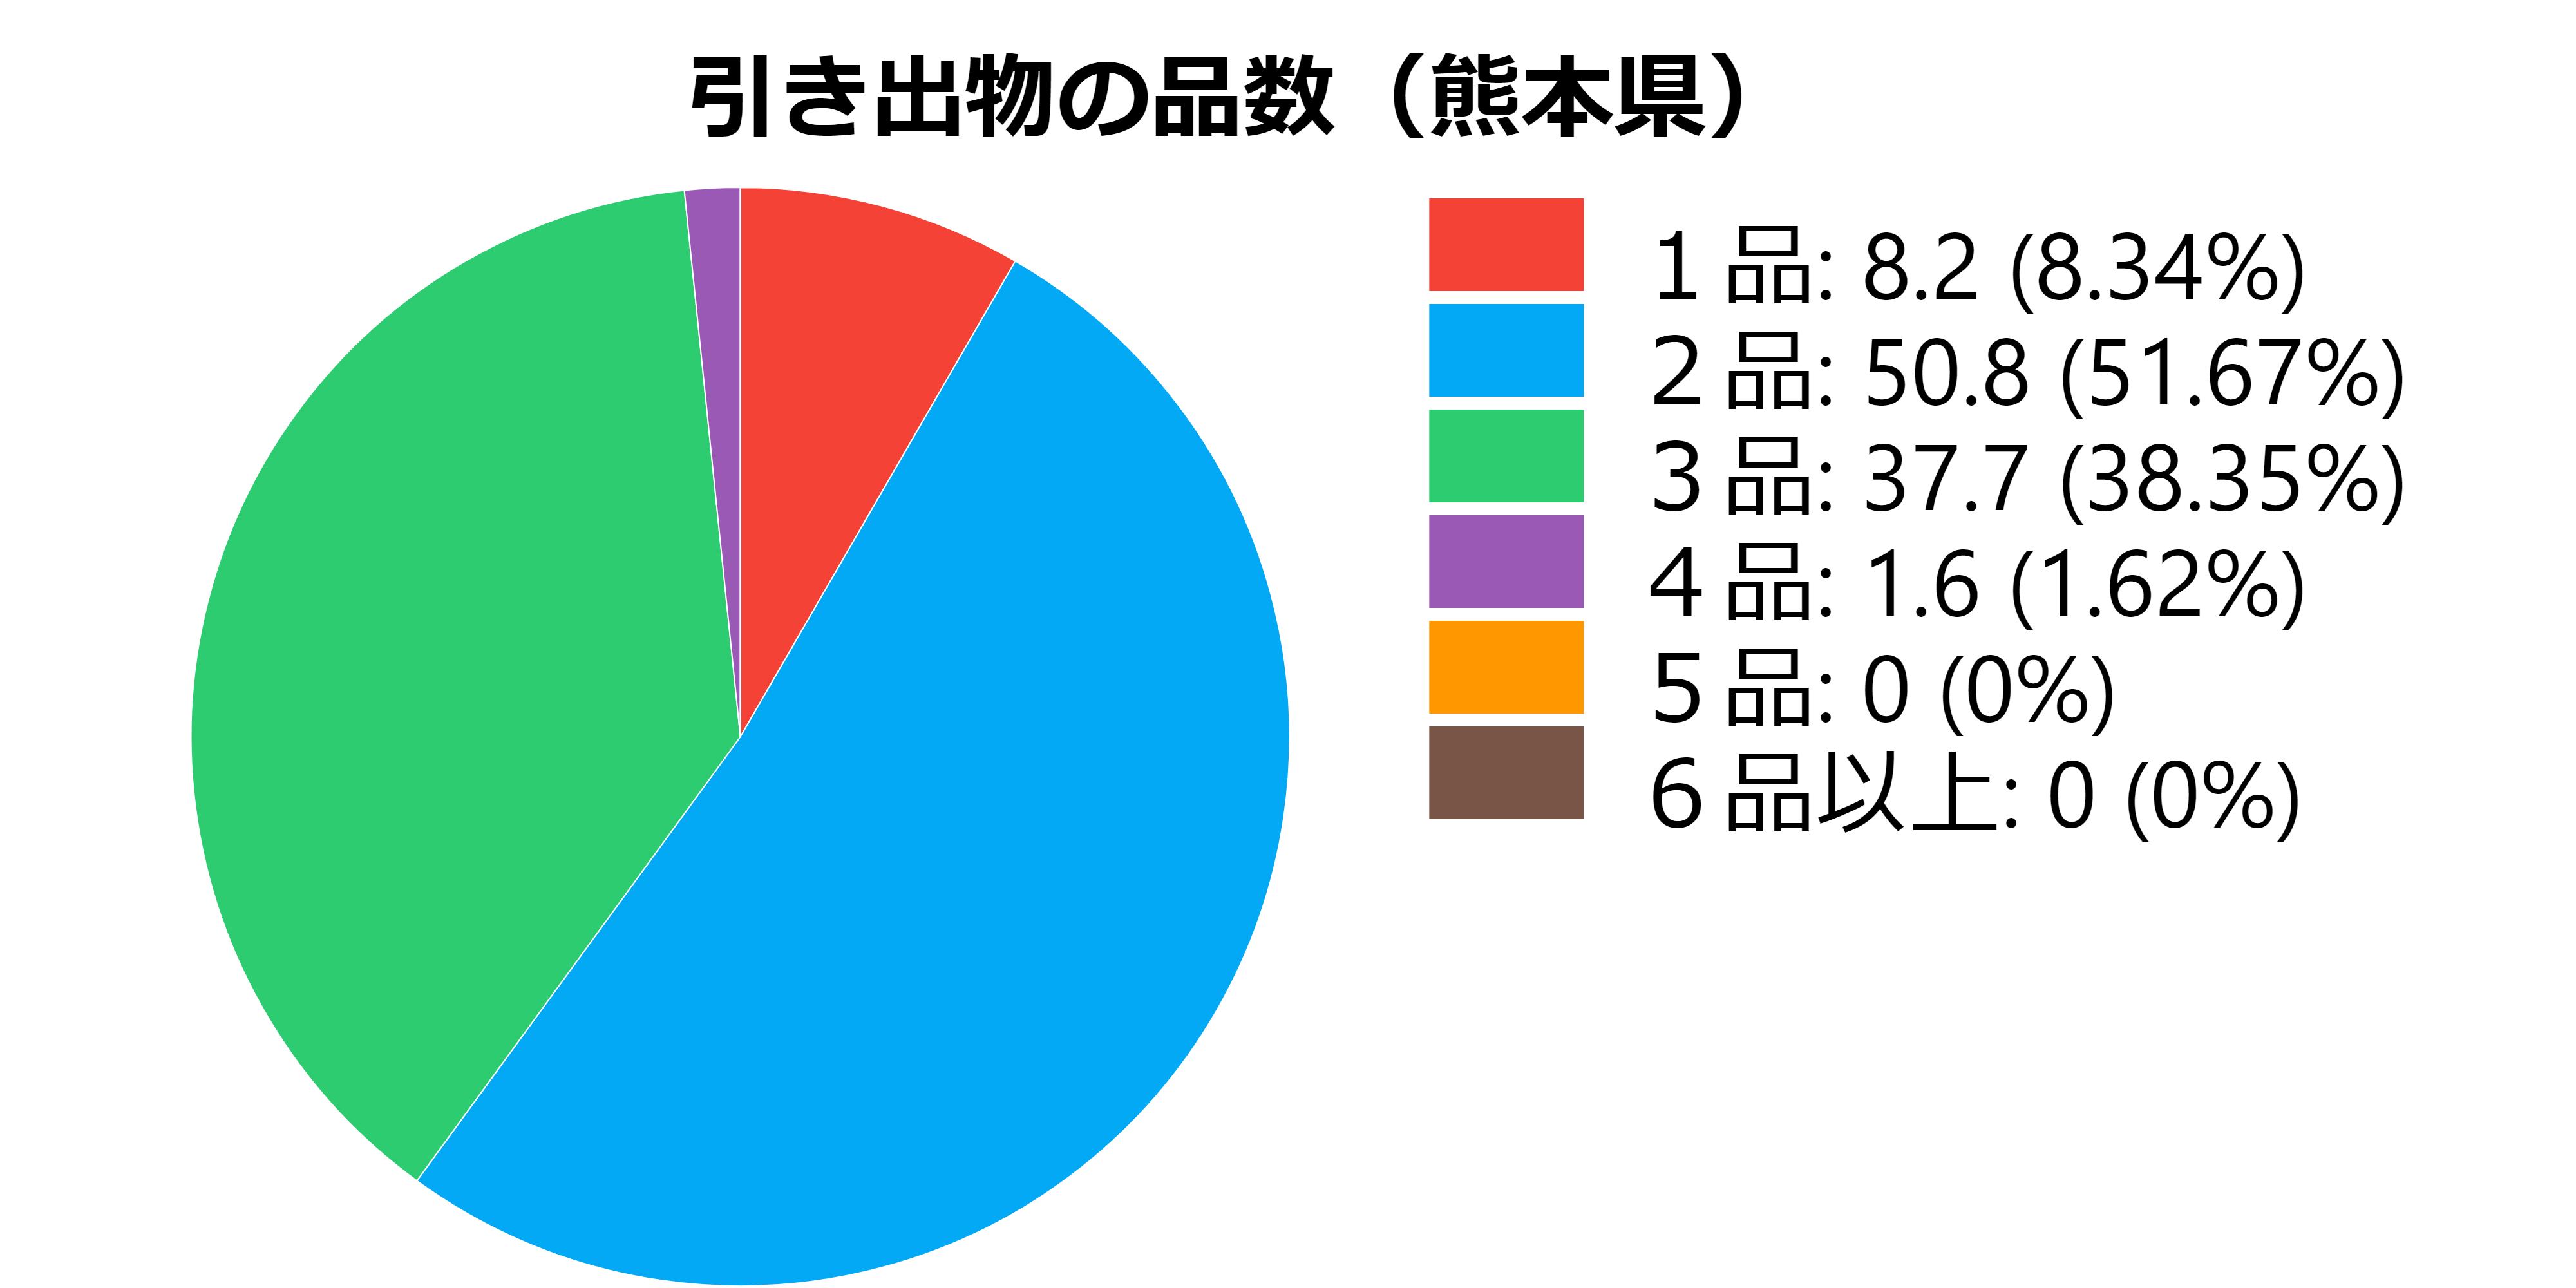 品数(熊本県)